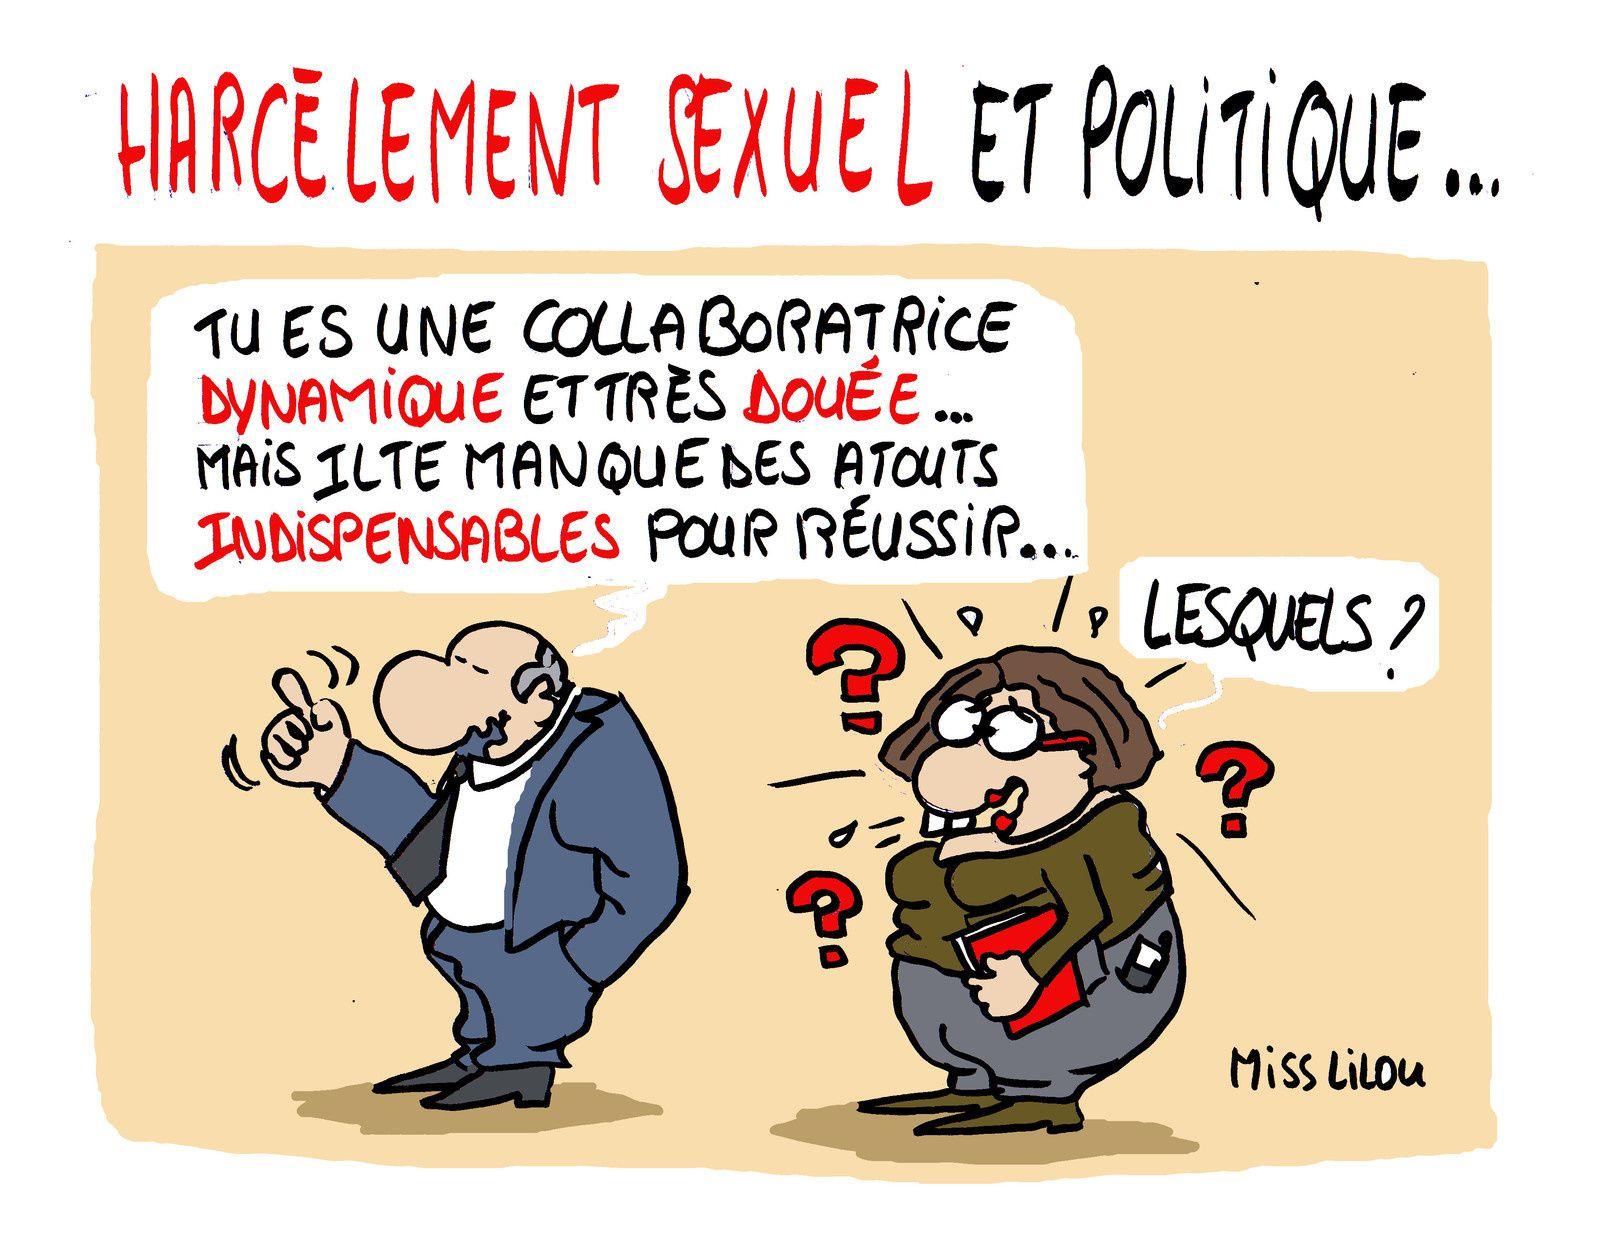 Harcèlement sexuel et Politique...